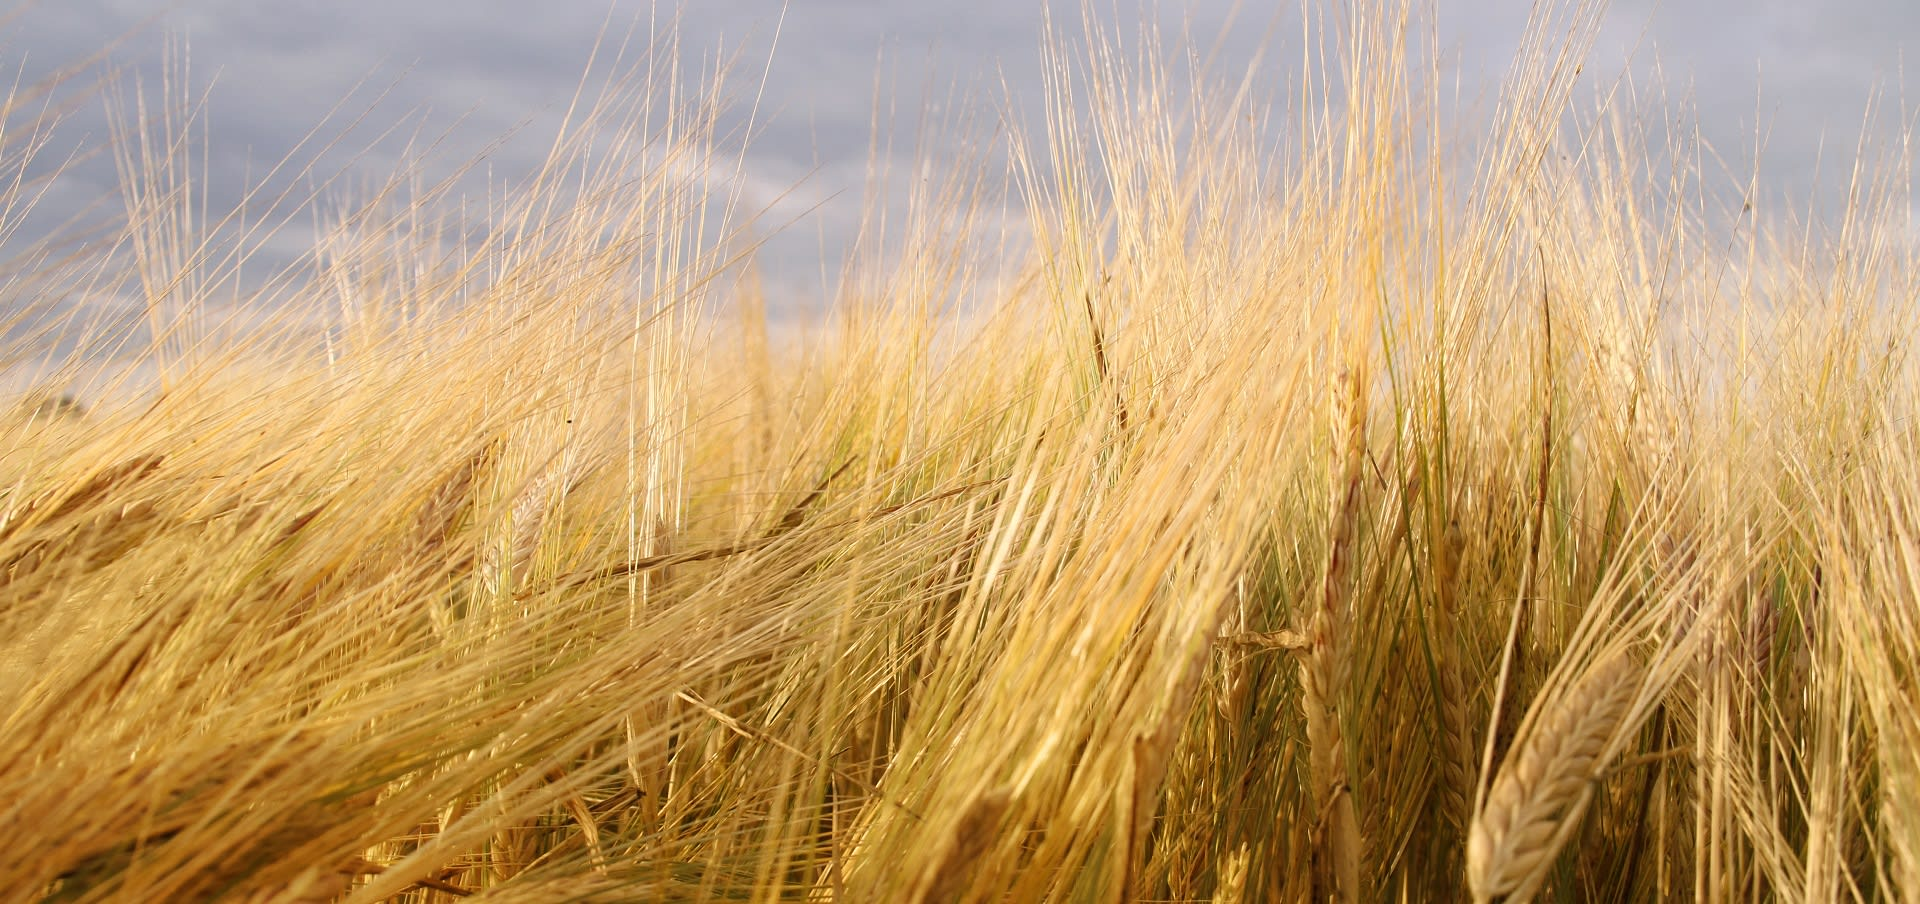 Barley in autumn